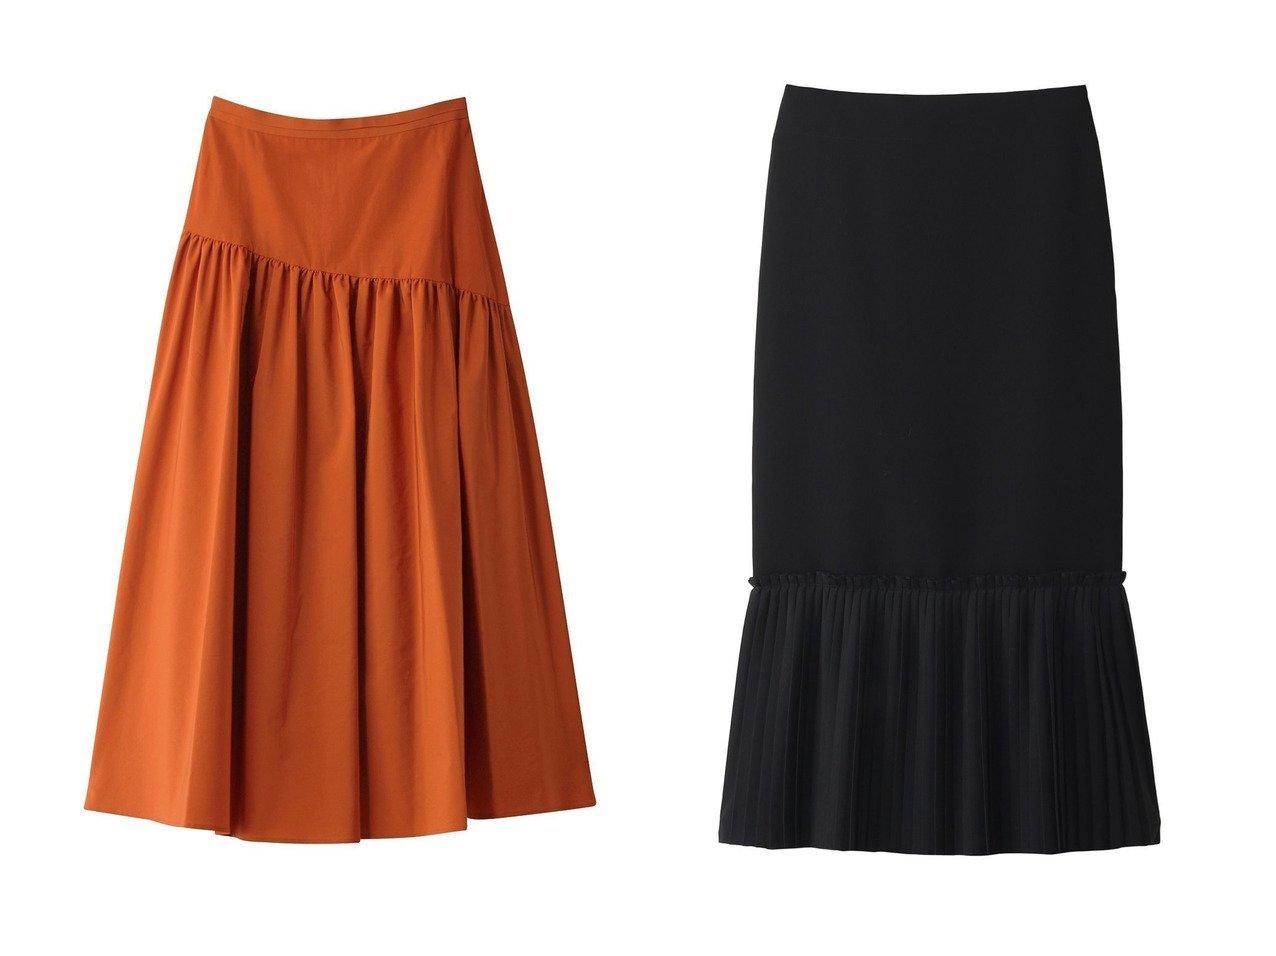 【ANAYI/アナイ】のタイプライターティアードスカート&【GALLARDAGALANTE/ガリャルダガランテ】の【CEPIE.】ヘムプリーツロングスカート スカートのおすすめ!人気、トレンド・レディースファッションの通販 おすすめで人気の流行・トレンド、ファッションの通販商品 メンズファッション・キッズファッション・インテリア・家具・レディースファッション・服の通販 founy(ファニー) https://founy.com/ ファッション Fashion レディースファッション WOMEN スカート Skirt ロングスカート Long Skirt ティアードスカート Tiered Skirts なめらか ガーリー シンプル プリーツ ベーシック ミックス アシンメトリー エレガント タイプライター ティアードスカート ロング 人気 |ID:crp329100000011775